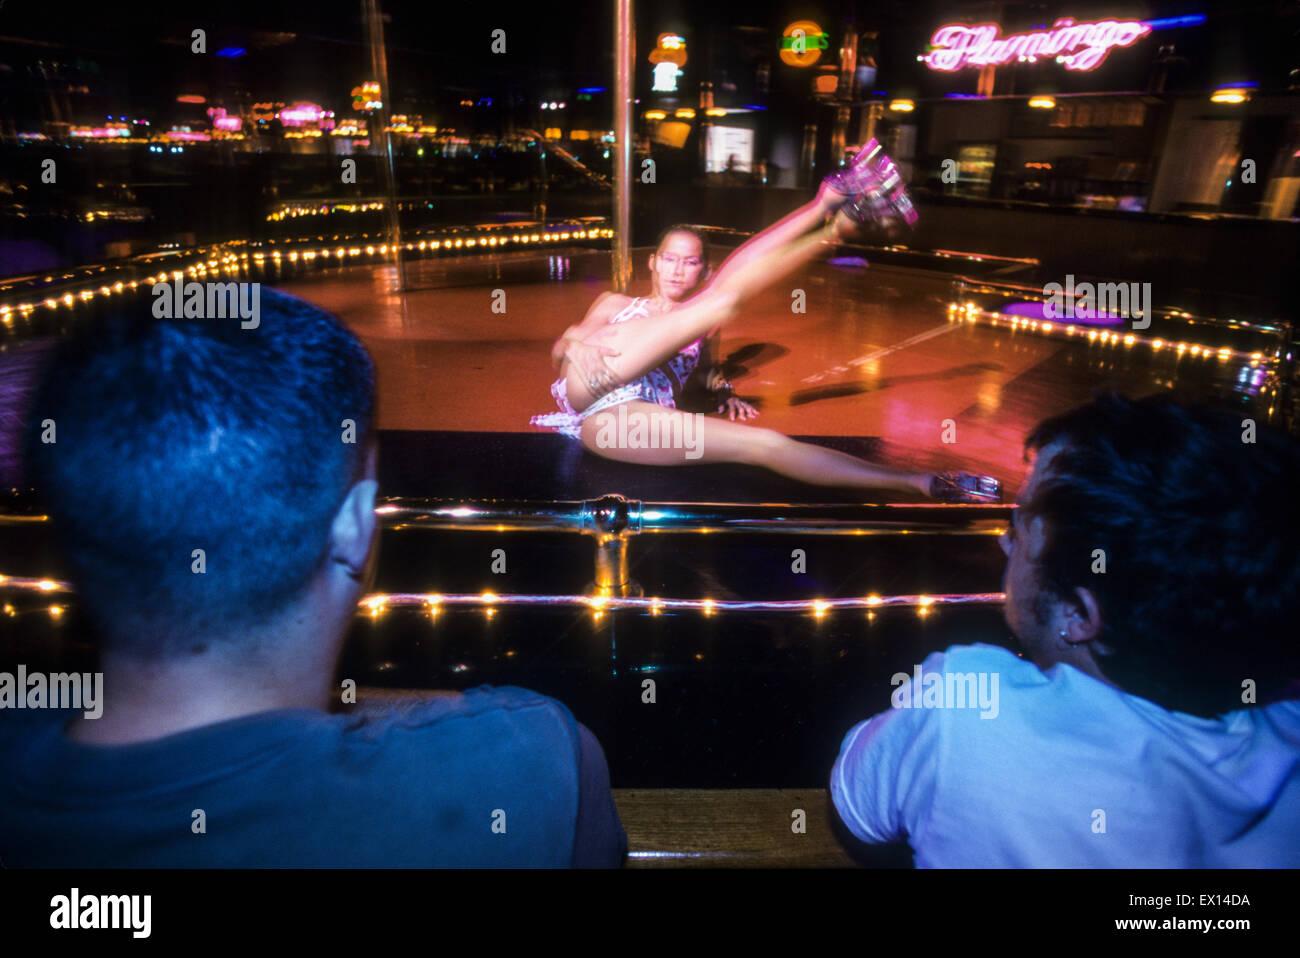 California in stripper picture 524